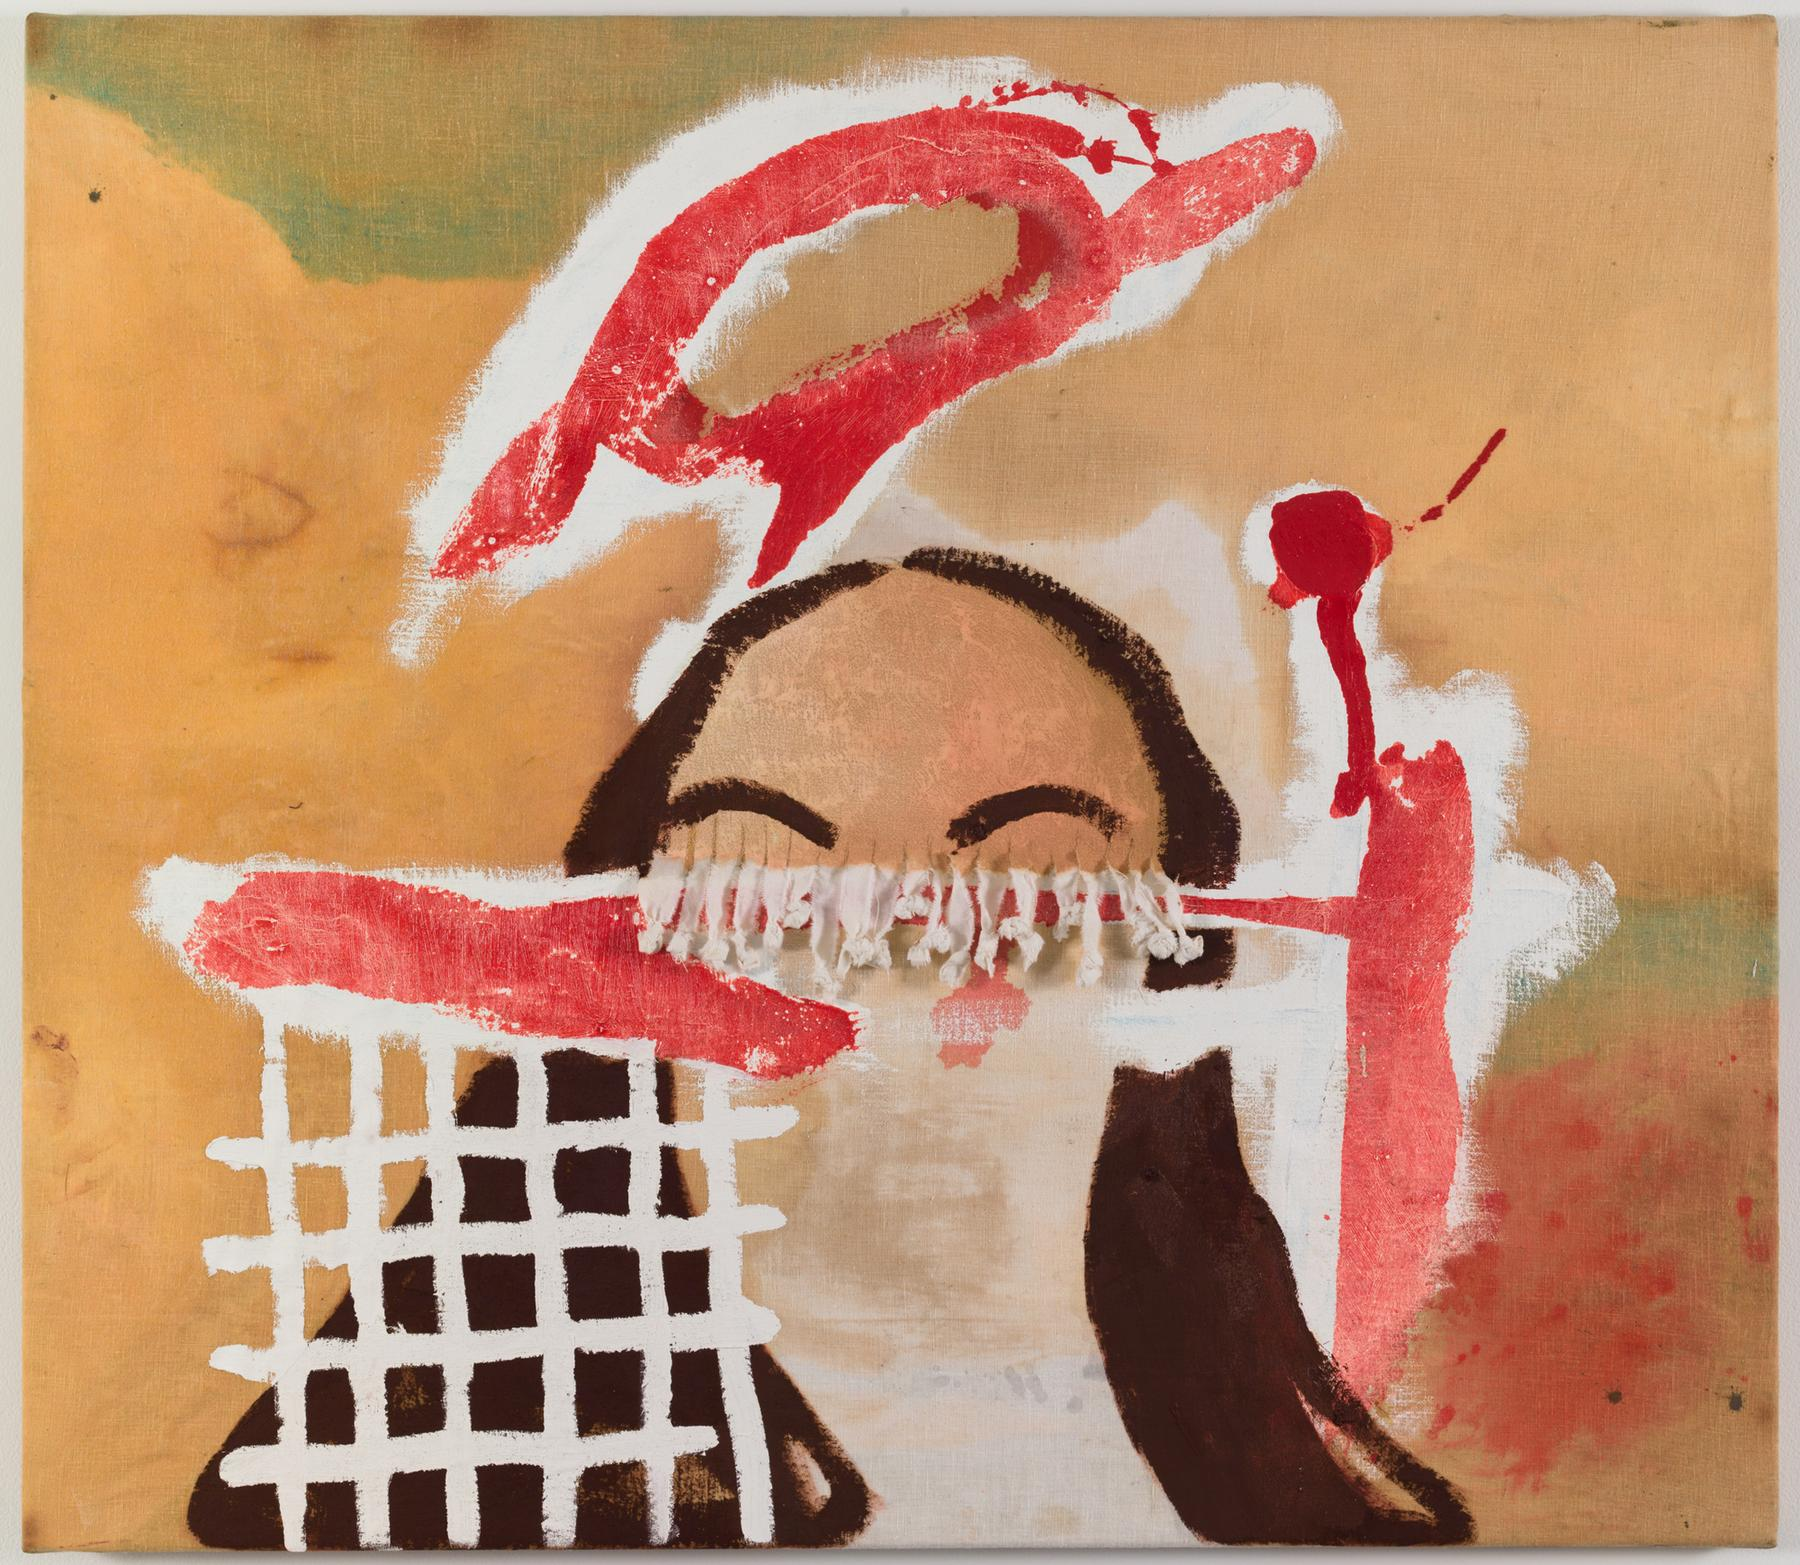 Charline von Heyl Untitled 1995